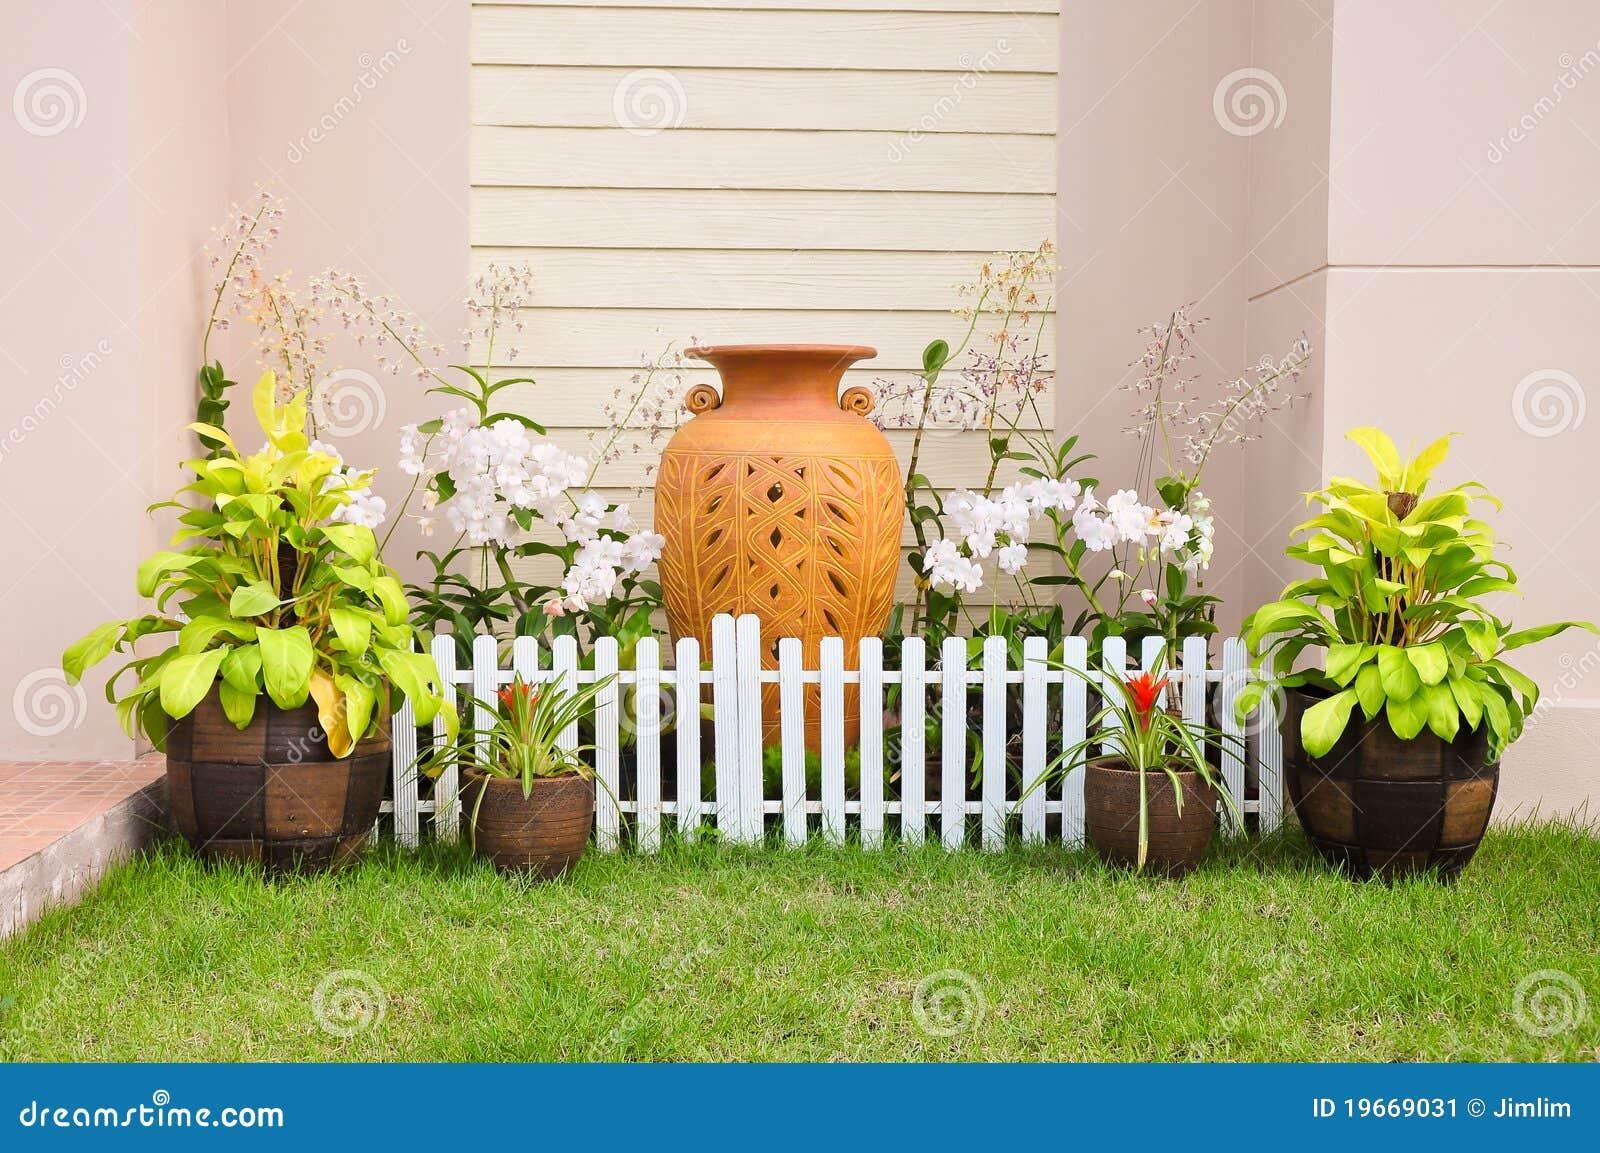 Frontière De Sécurité De Petite Maison. Petit Jardin Image ...